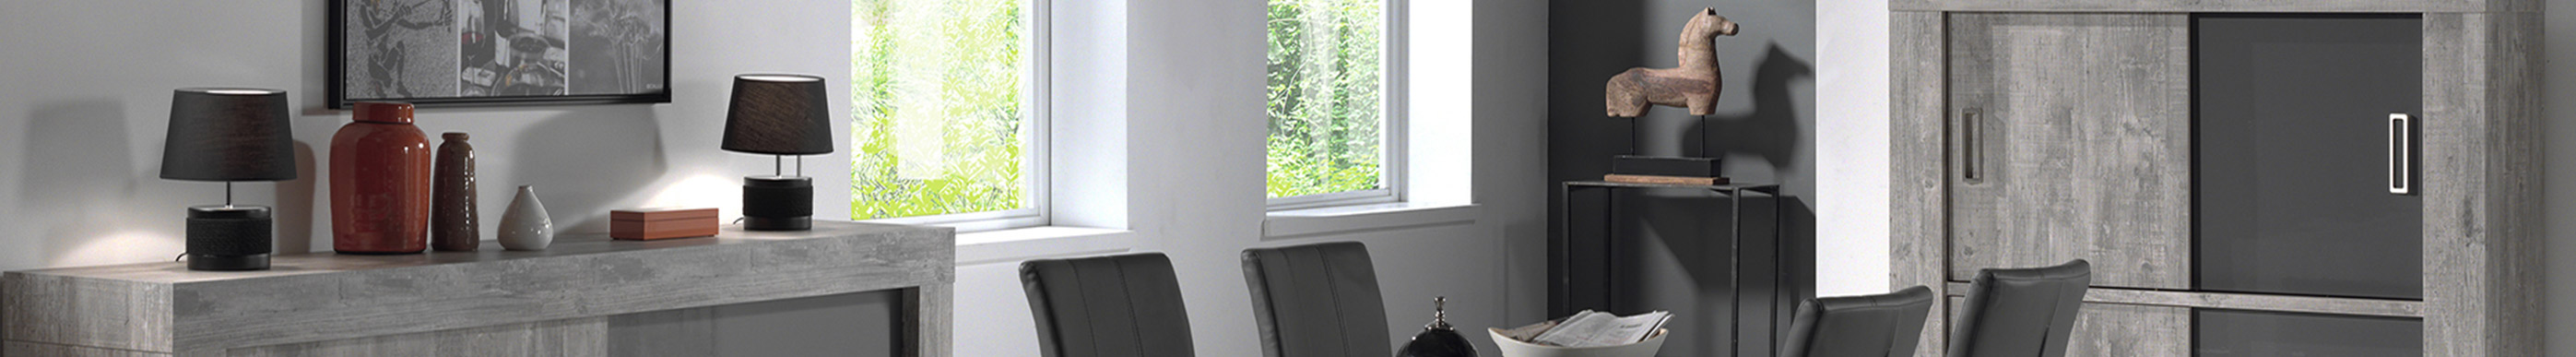 magasin ameublement d coration meubles douret belgique bouillon. Black Bedroom Furniture Sets. Home Design Ideas